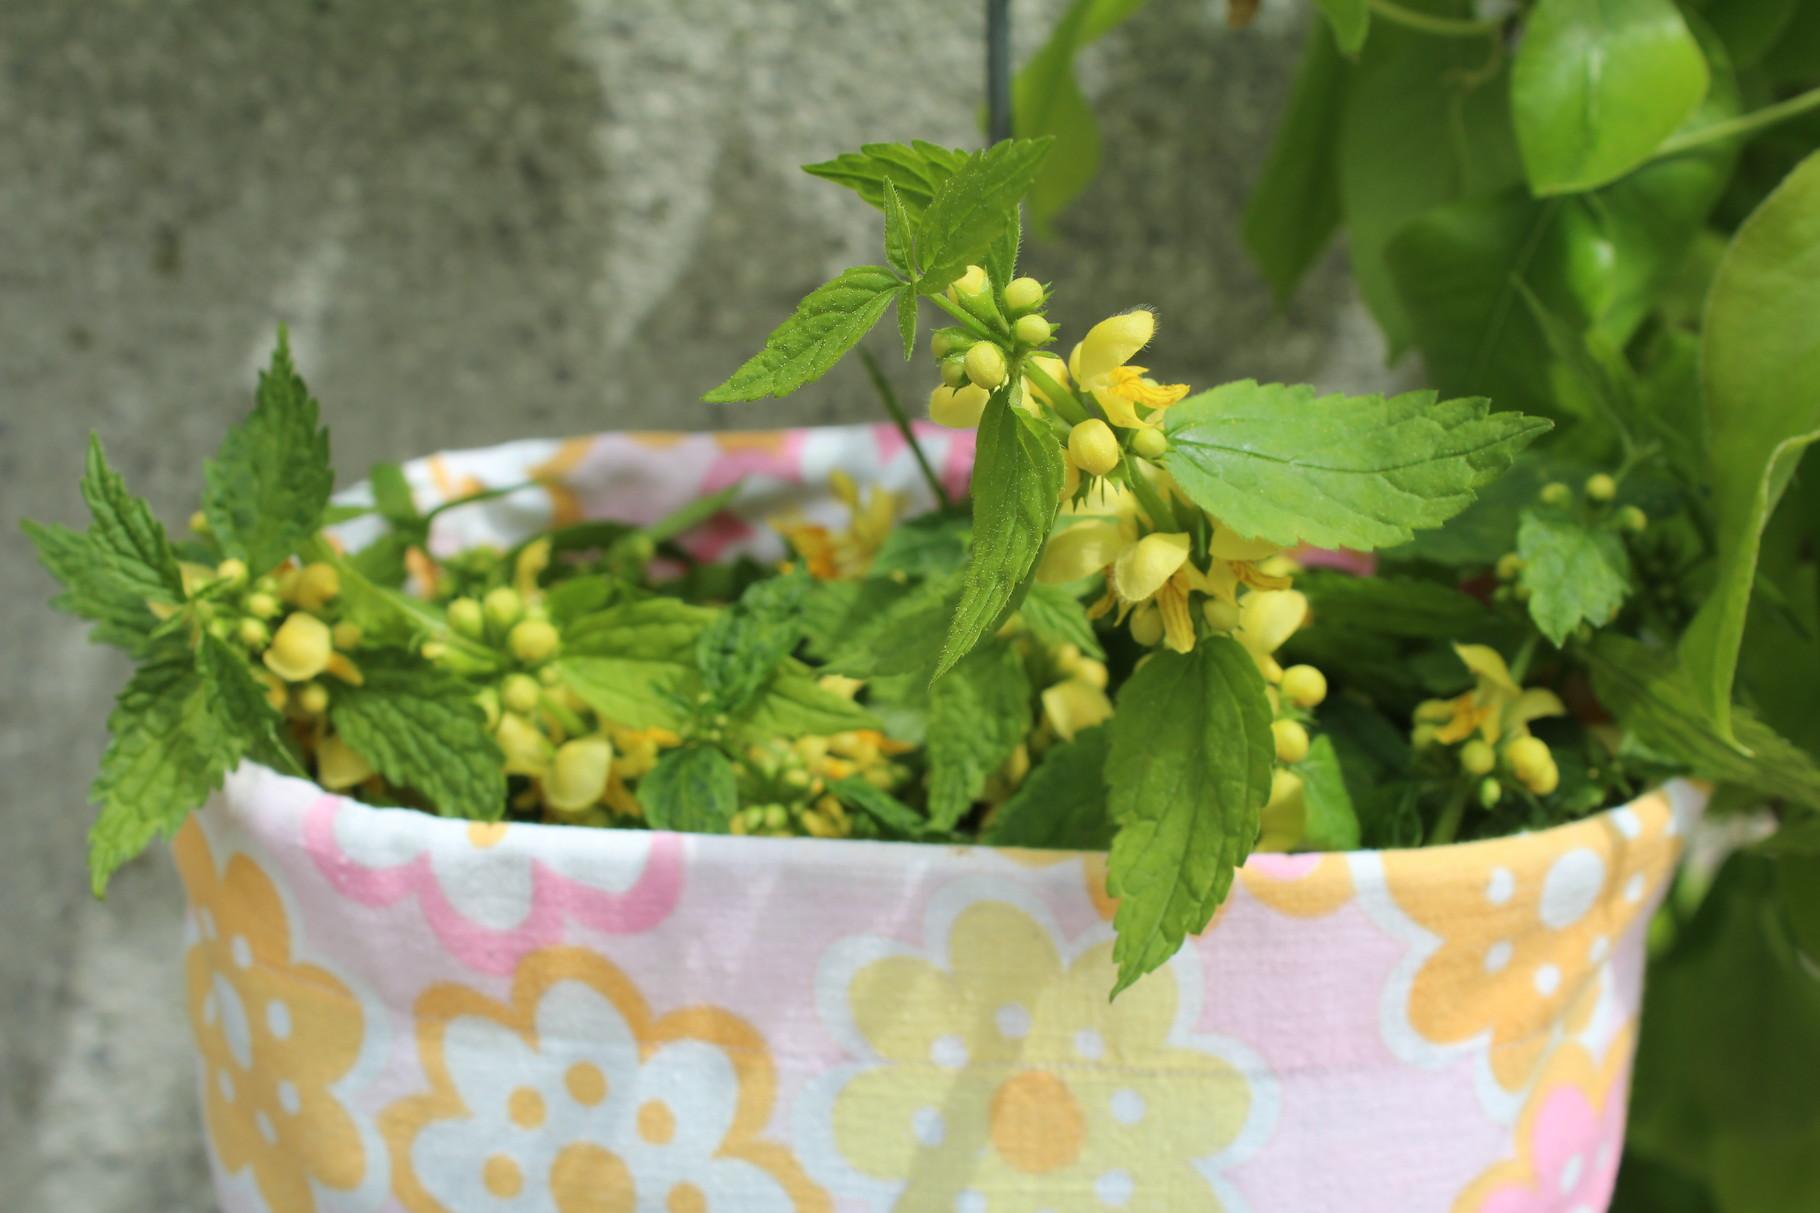 Ernte aus dem Klostergarten, die Goldnessel